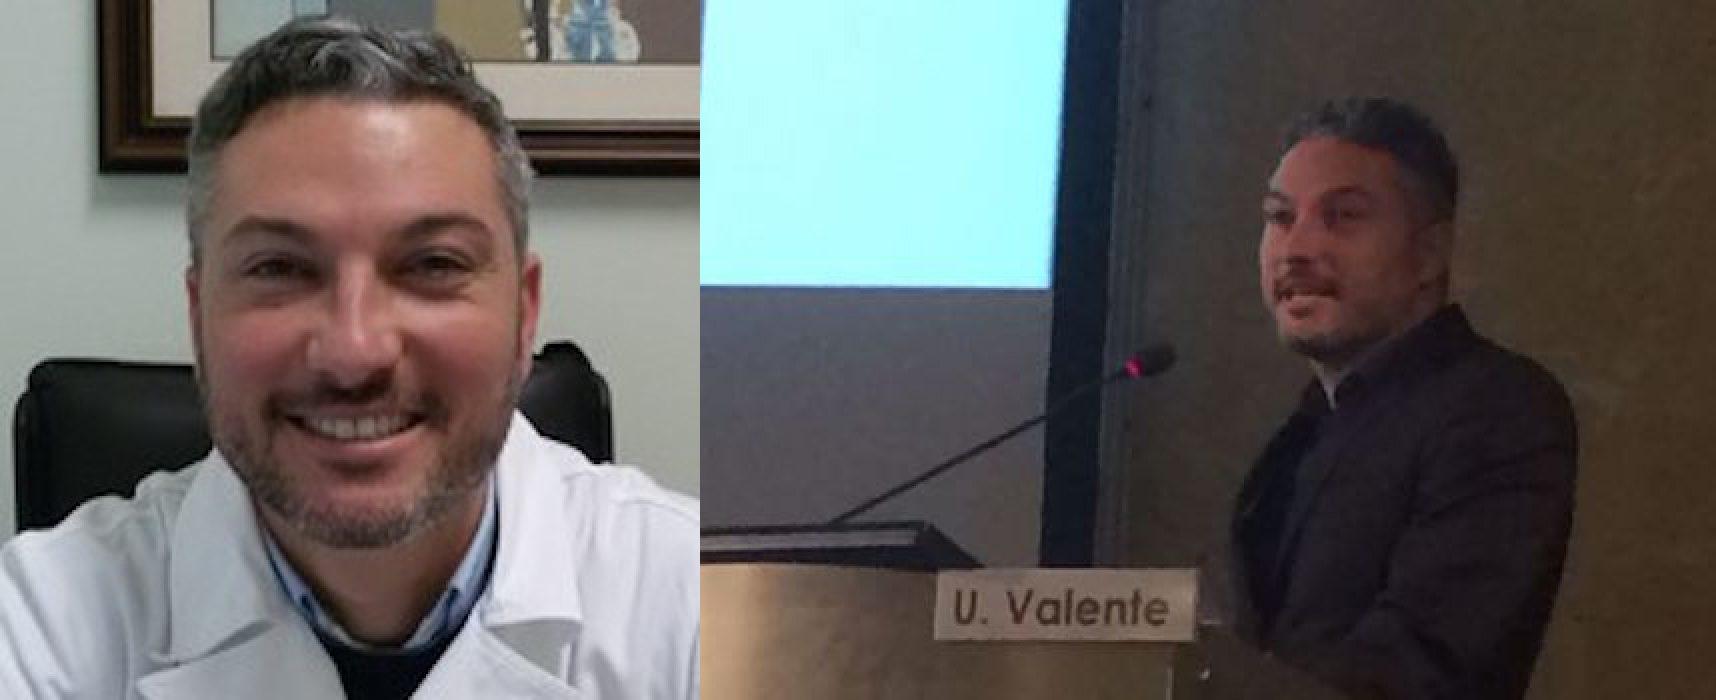 """""""Come cambiano i giovani maschi?"""", studio coordinato dal medico biscegliese Umberto Valente"""